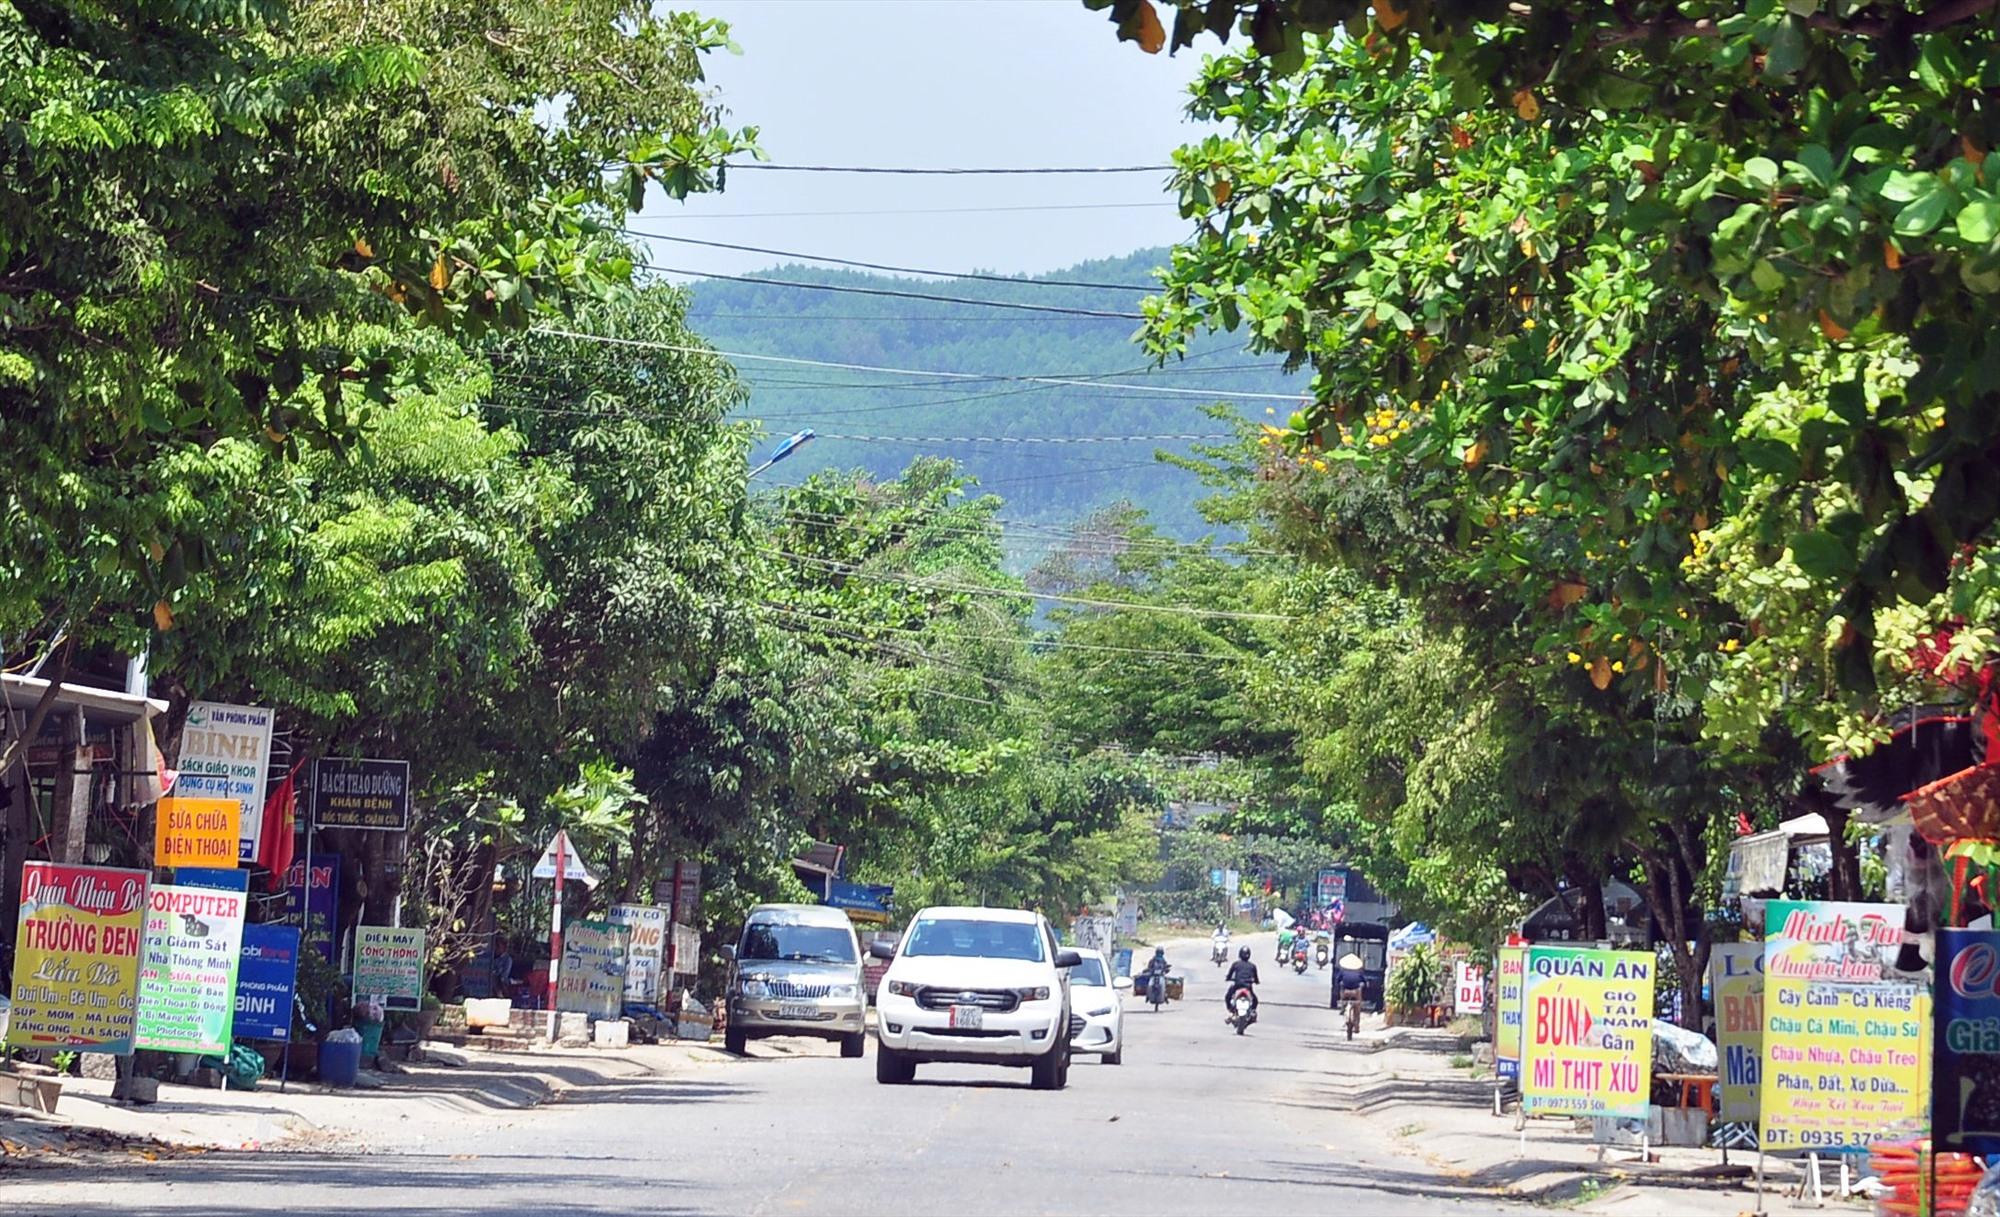 Hoạt động thương mại - dịch vụ khu vực dọc quốc lộ 40B qua xã Tam Dân phát triển sôi động, nhộn nhịp. Ảnh: VINH ANH